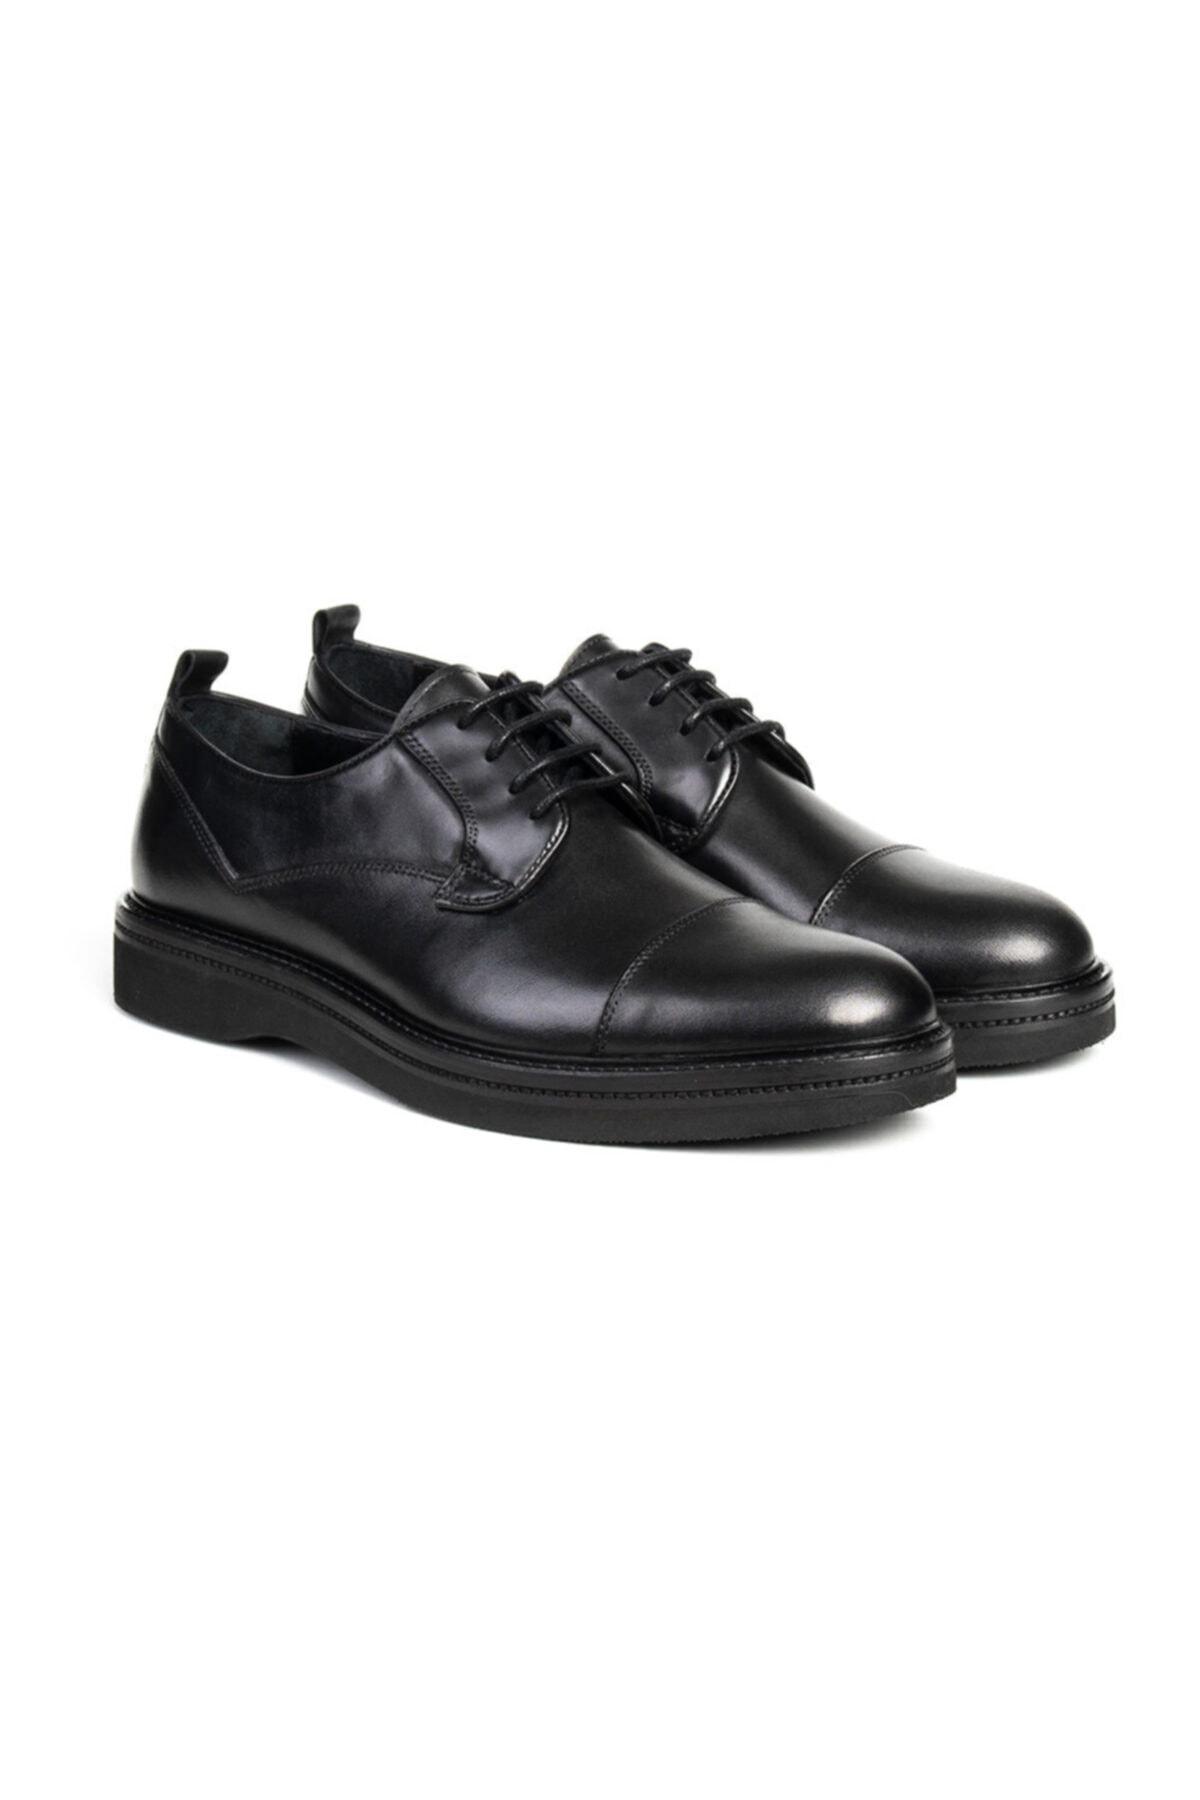 کفش کلاسیک مردانه سال ۹۹ برند گریدر رنگ مشکی کد ty63035458